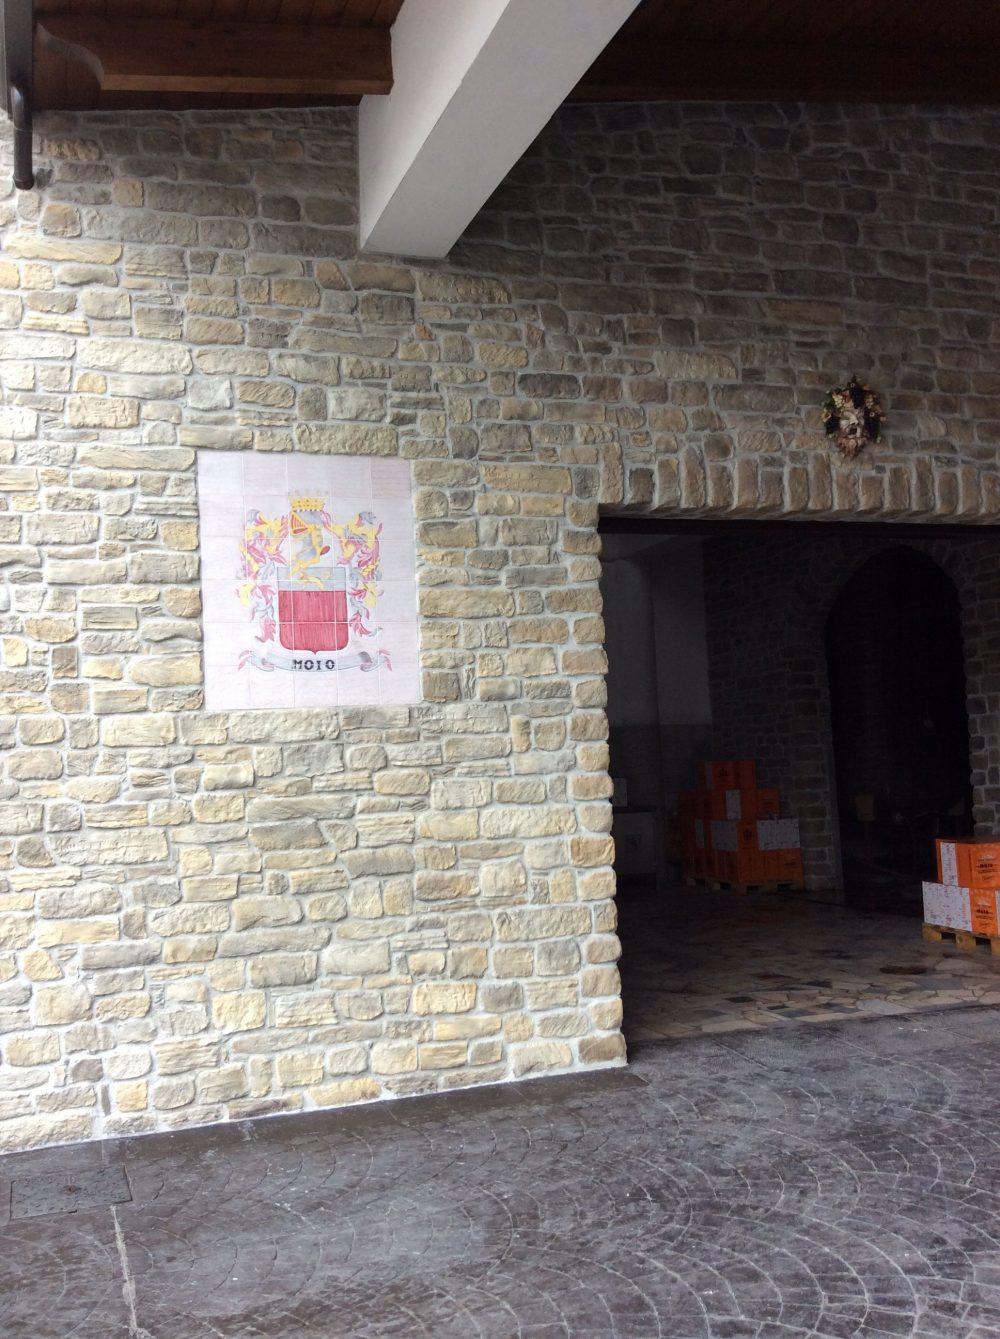 Azienda Michele Moio